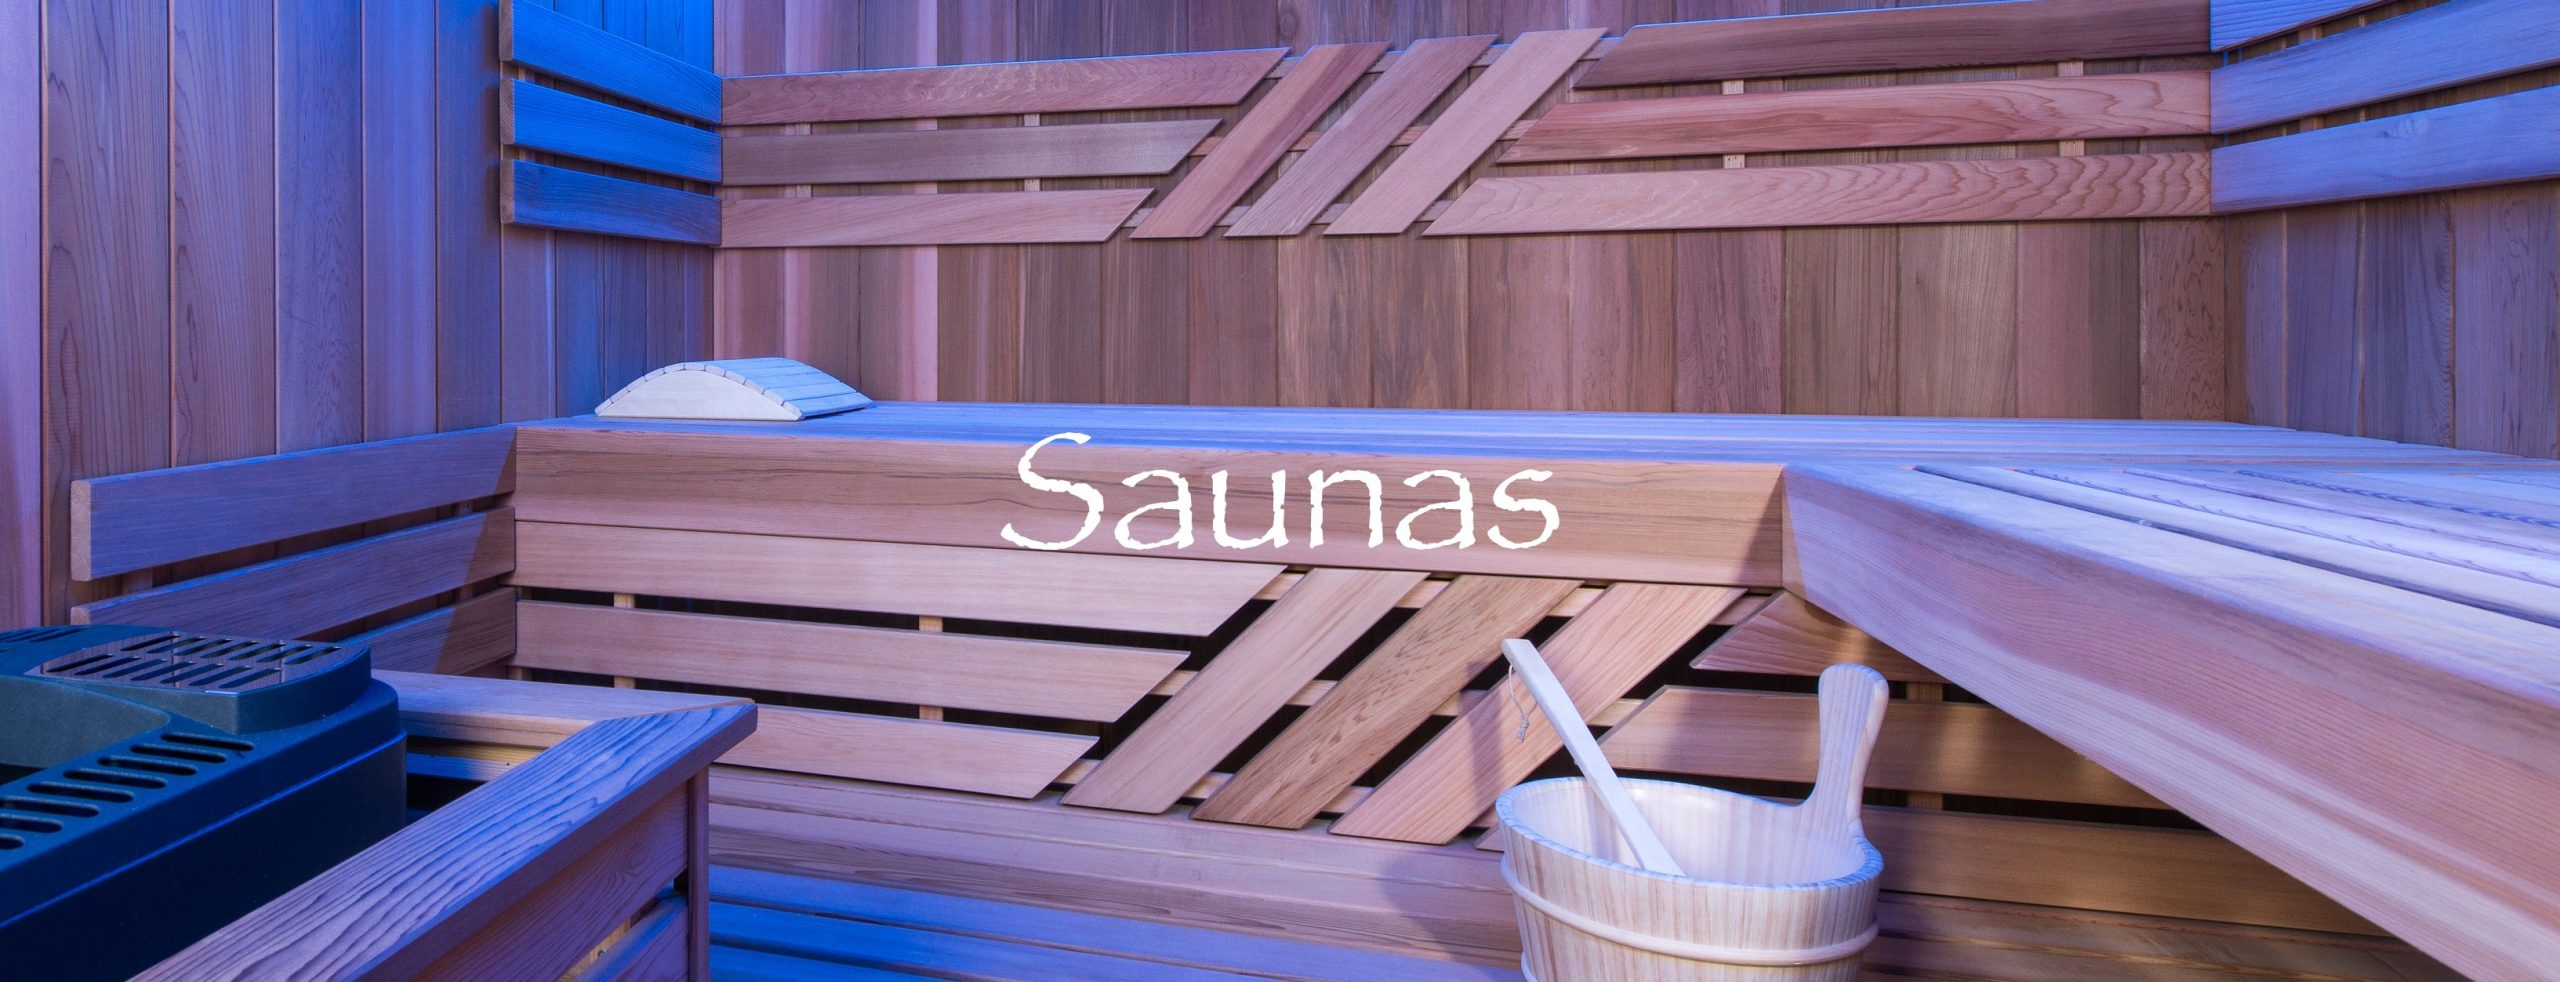 Sauna avec un éclairage bleu et un kit sauna traditionnel